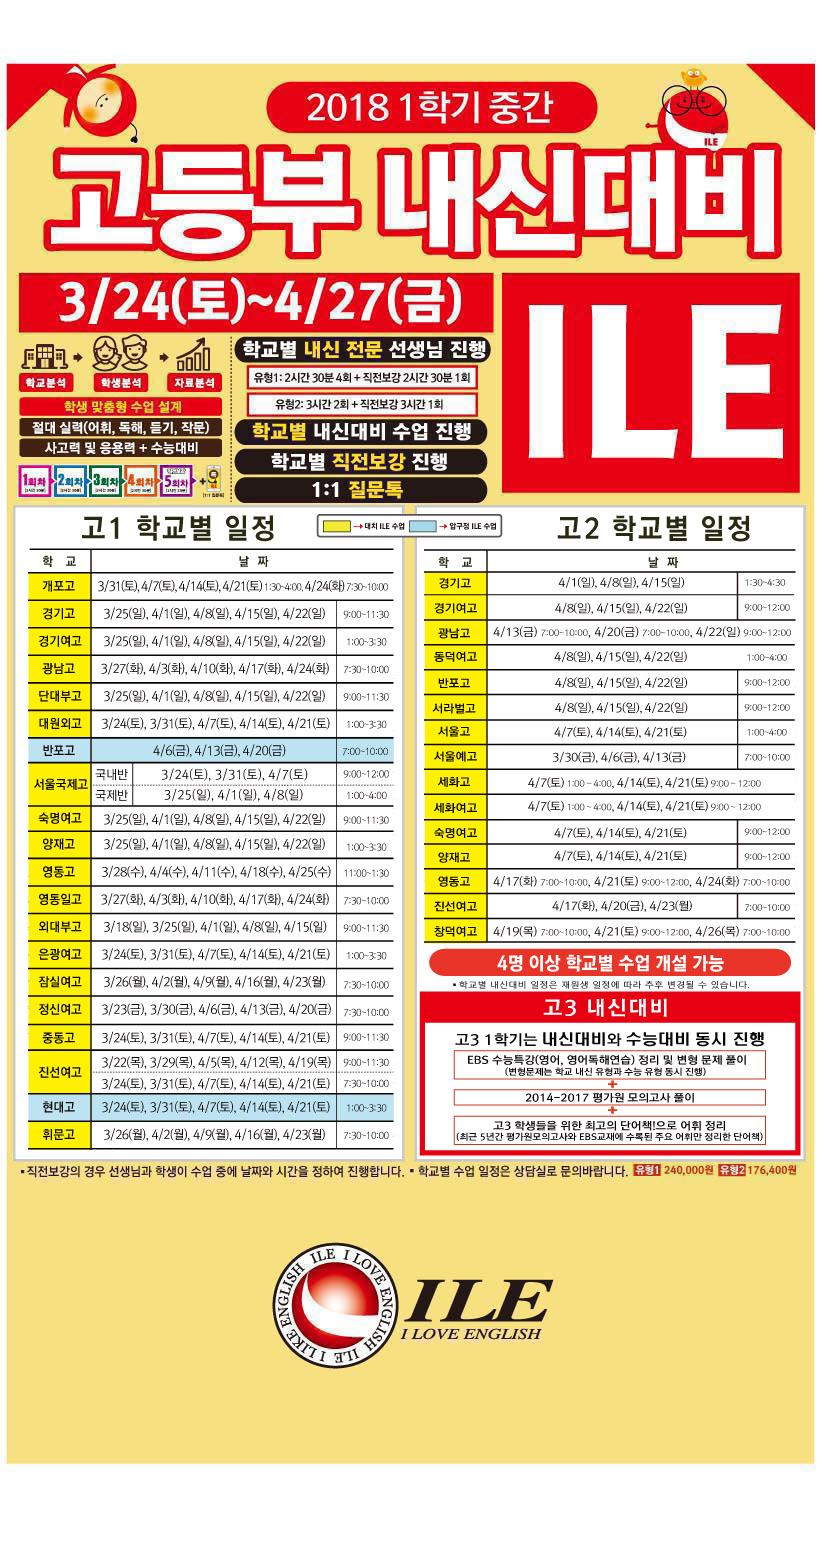 2018 1학기 중간 고등부 내신대비(일정포함)23.jpg